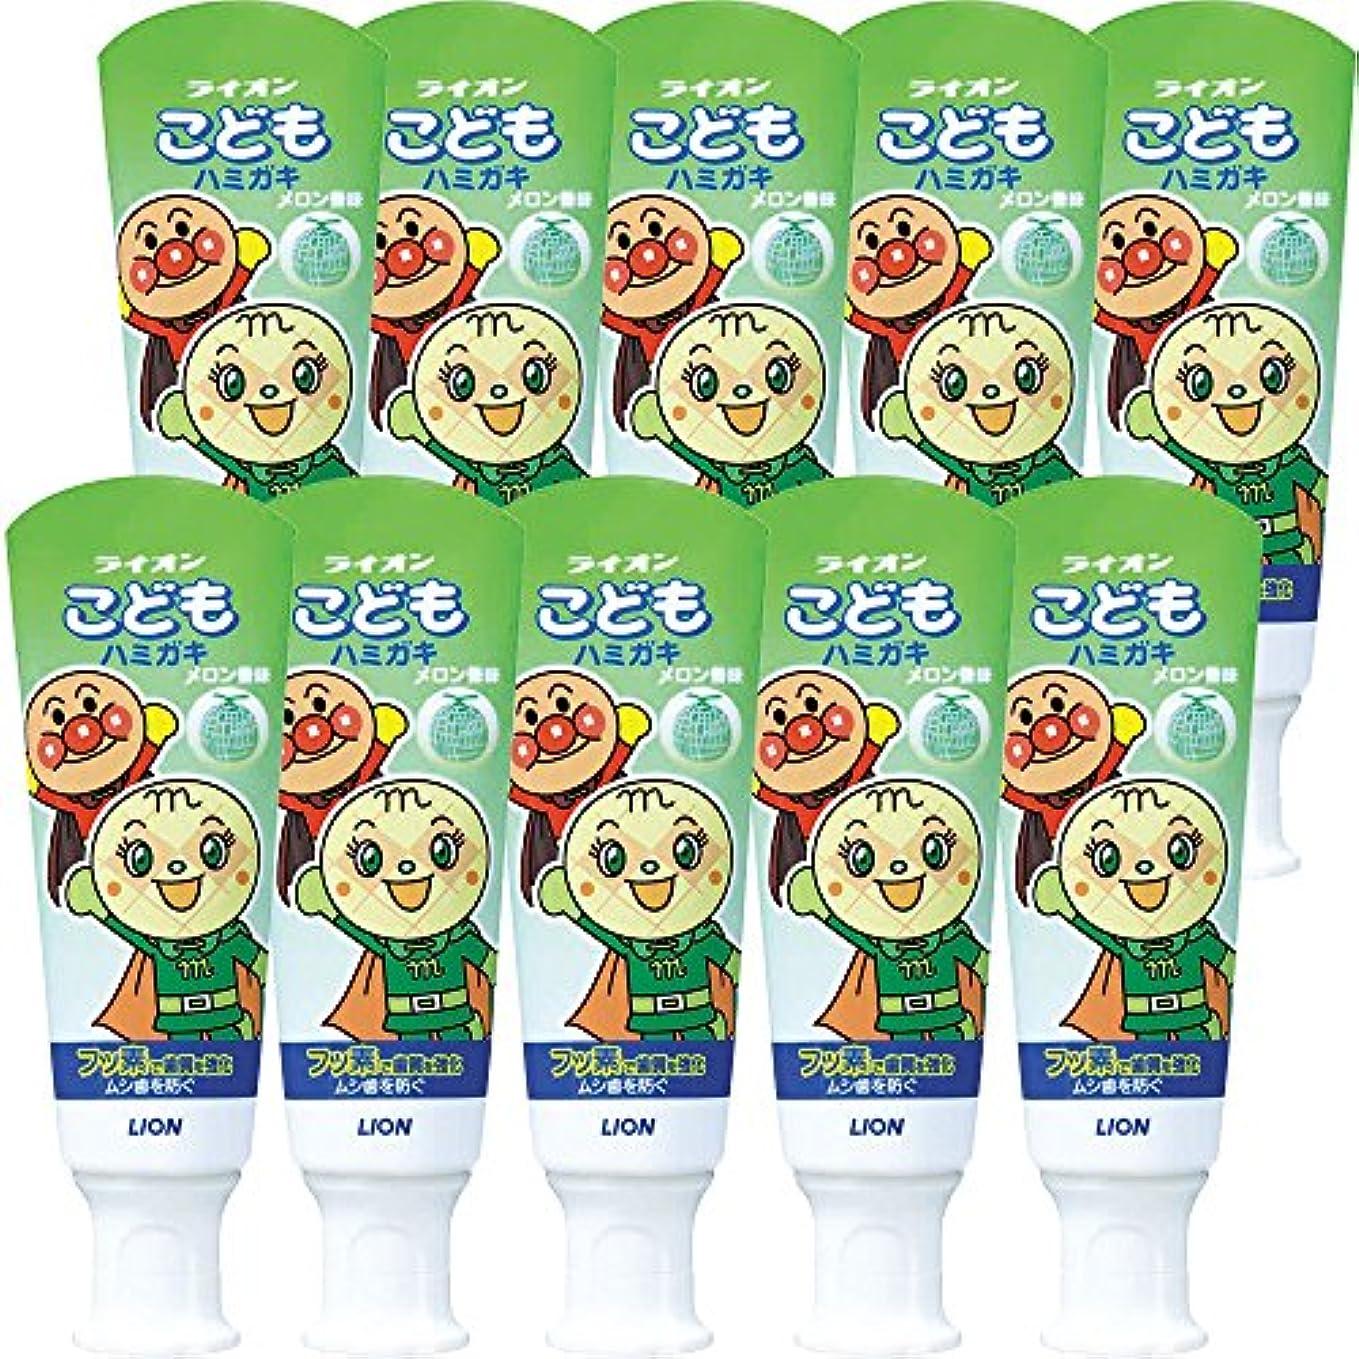 利用可能平方多年生こどもハミガキ アンパンマン メロン香味 40g×10個パック (医薬部外品)